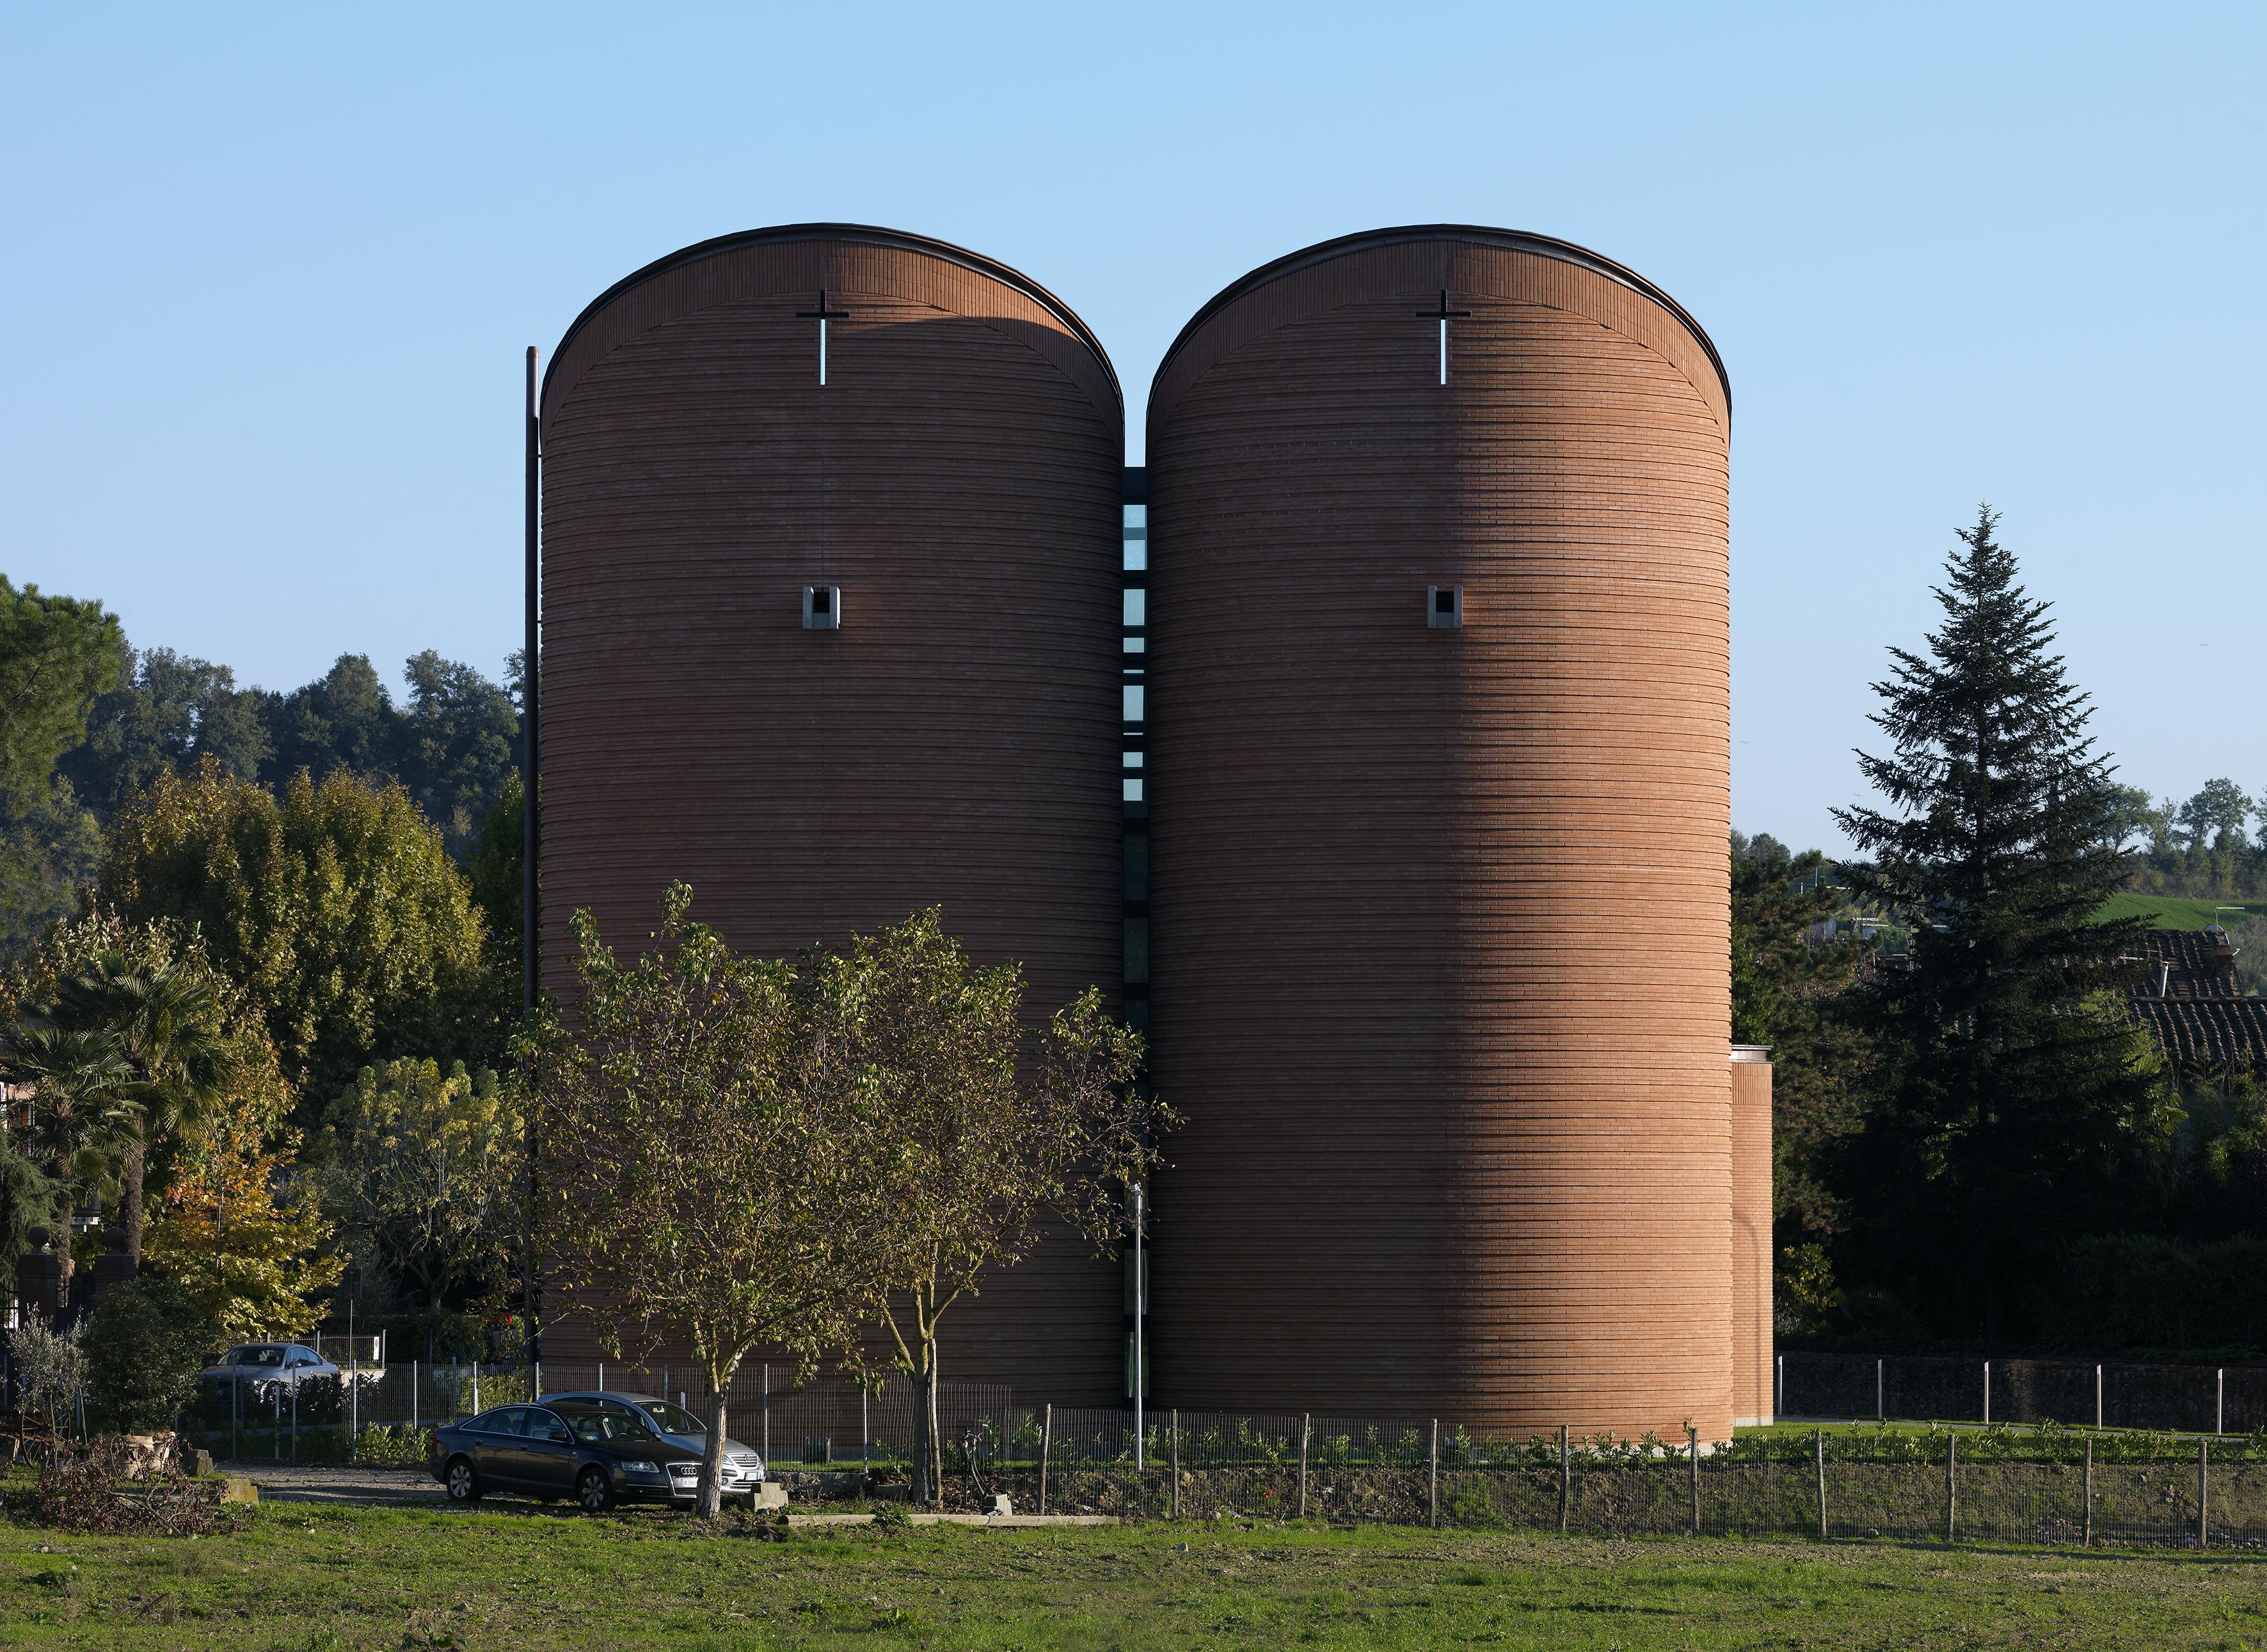 Chiesa di Santa Maria Nuova, Terranuova Bracciolini (IT)